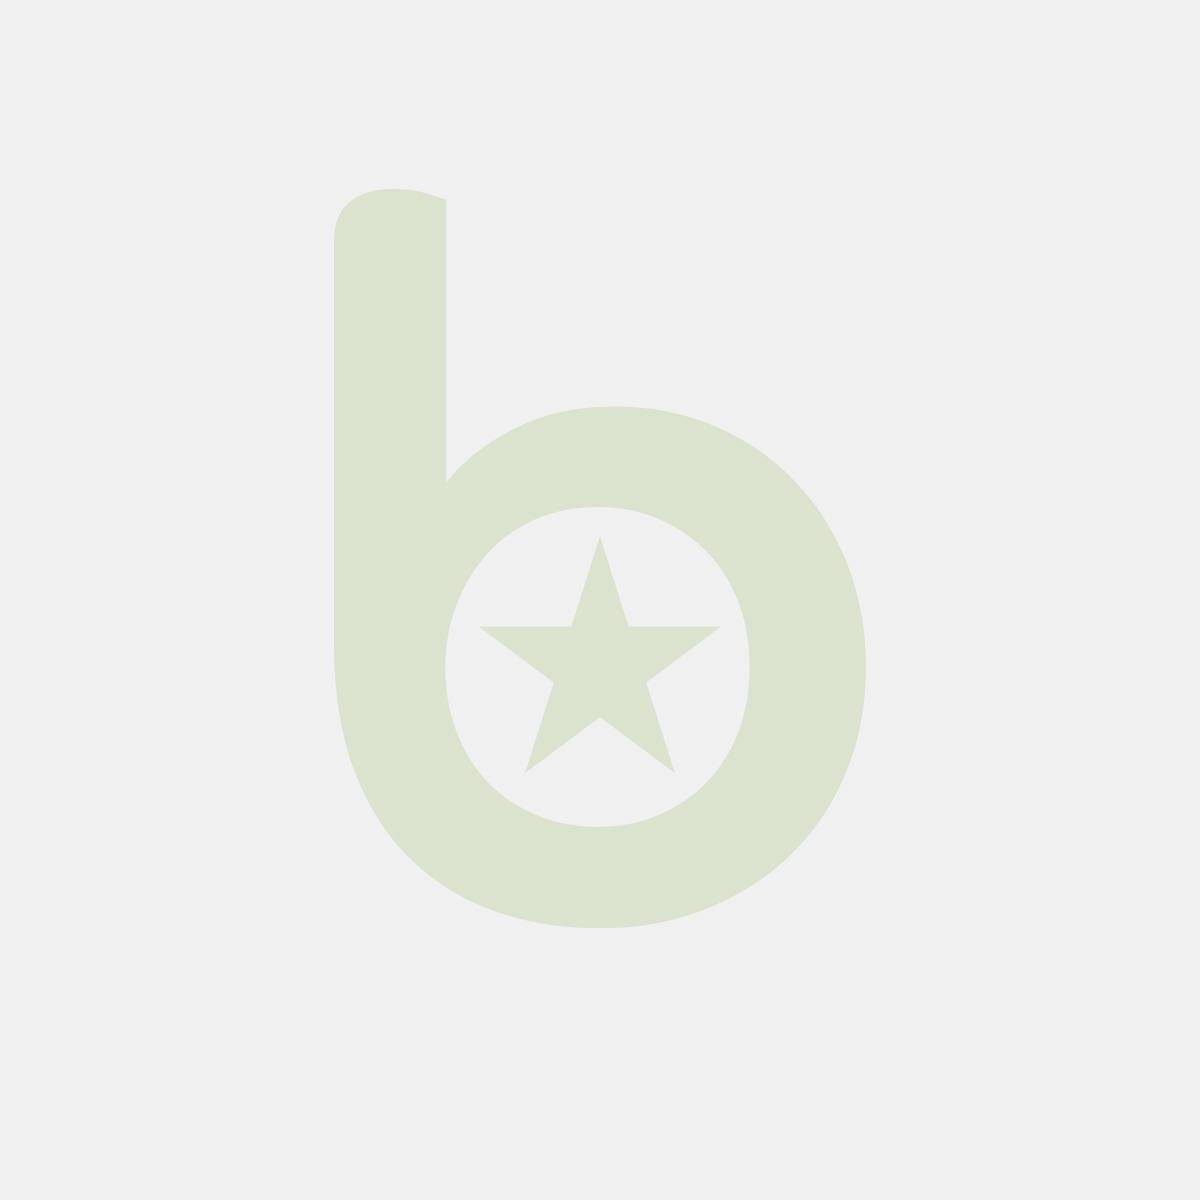 Skorowidz szyty Interdruk w kratkę, A4, 96 kartek, alfabetyczne indeksy